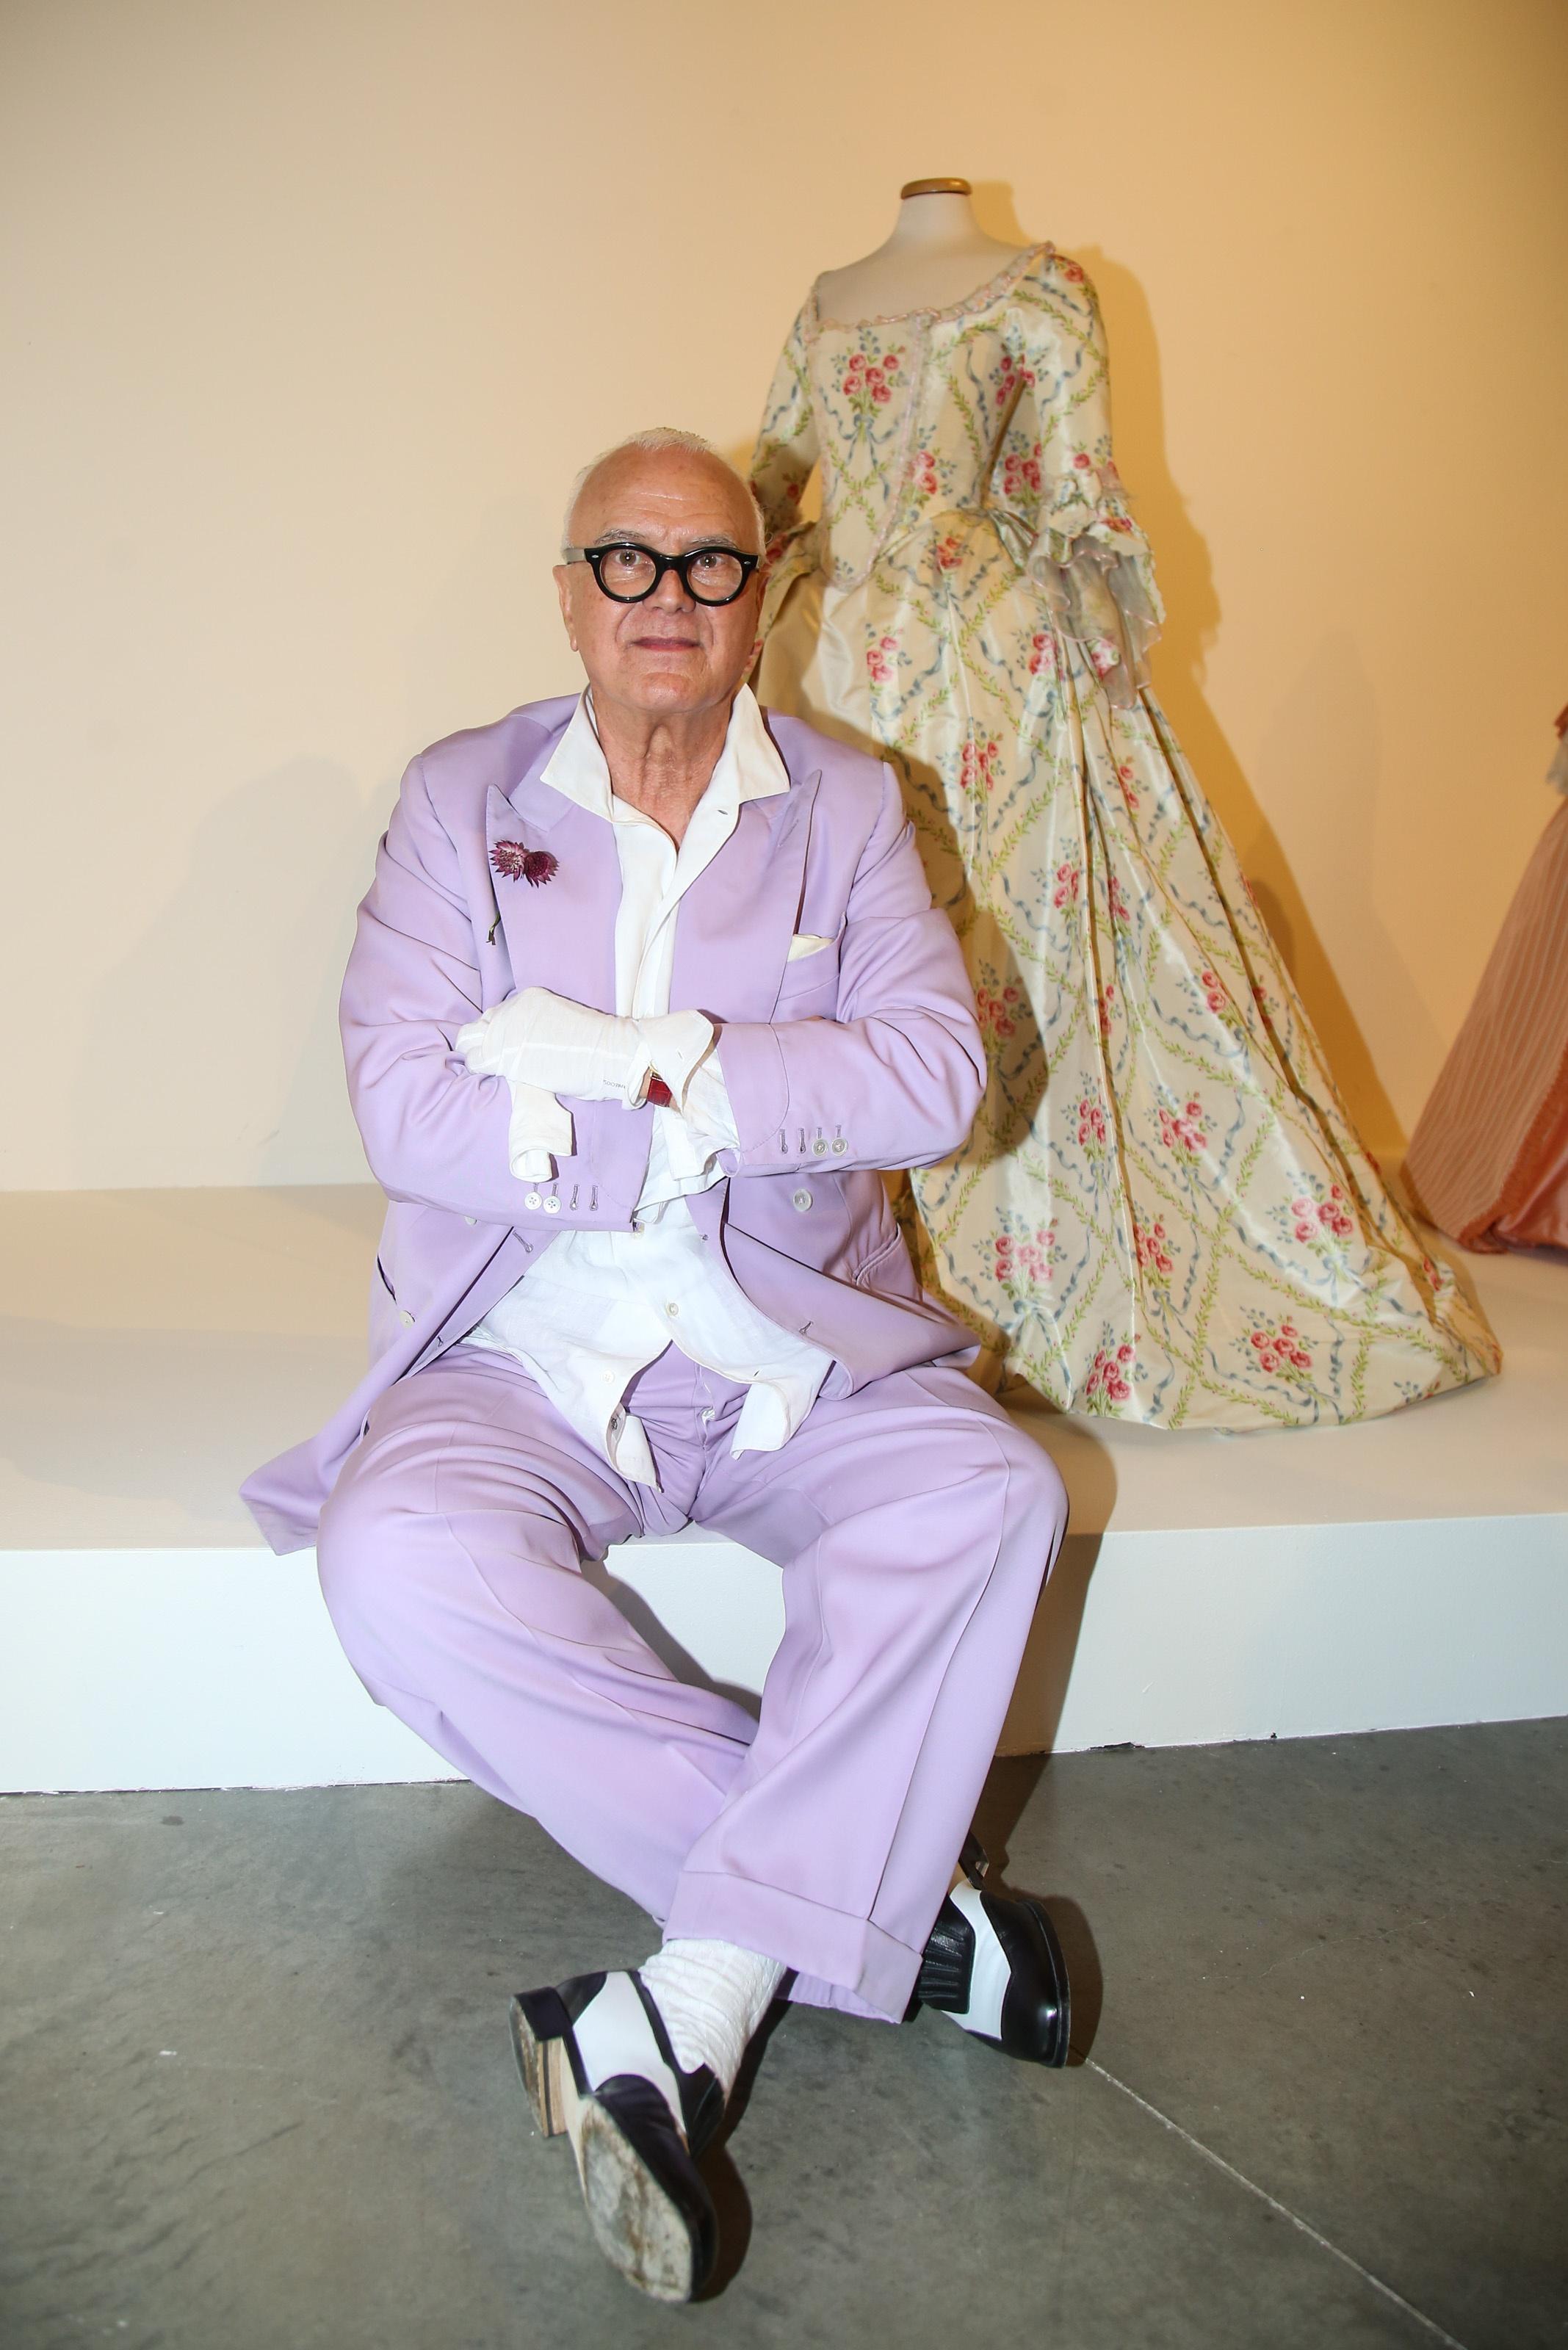 Manolo Blahnik v Praze: zahájení výstavy The Art of Shoes a charitativní gala večeře